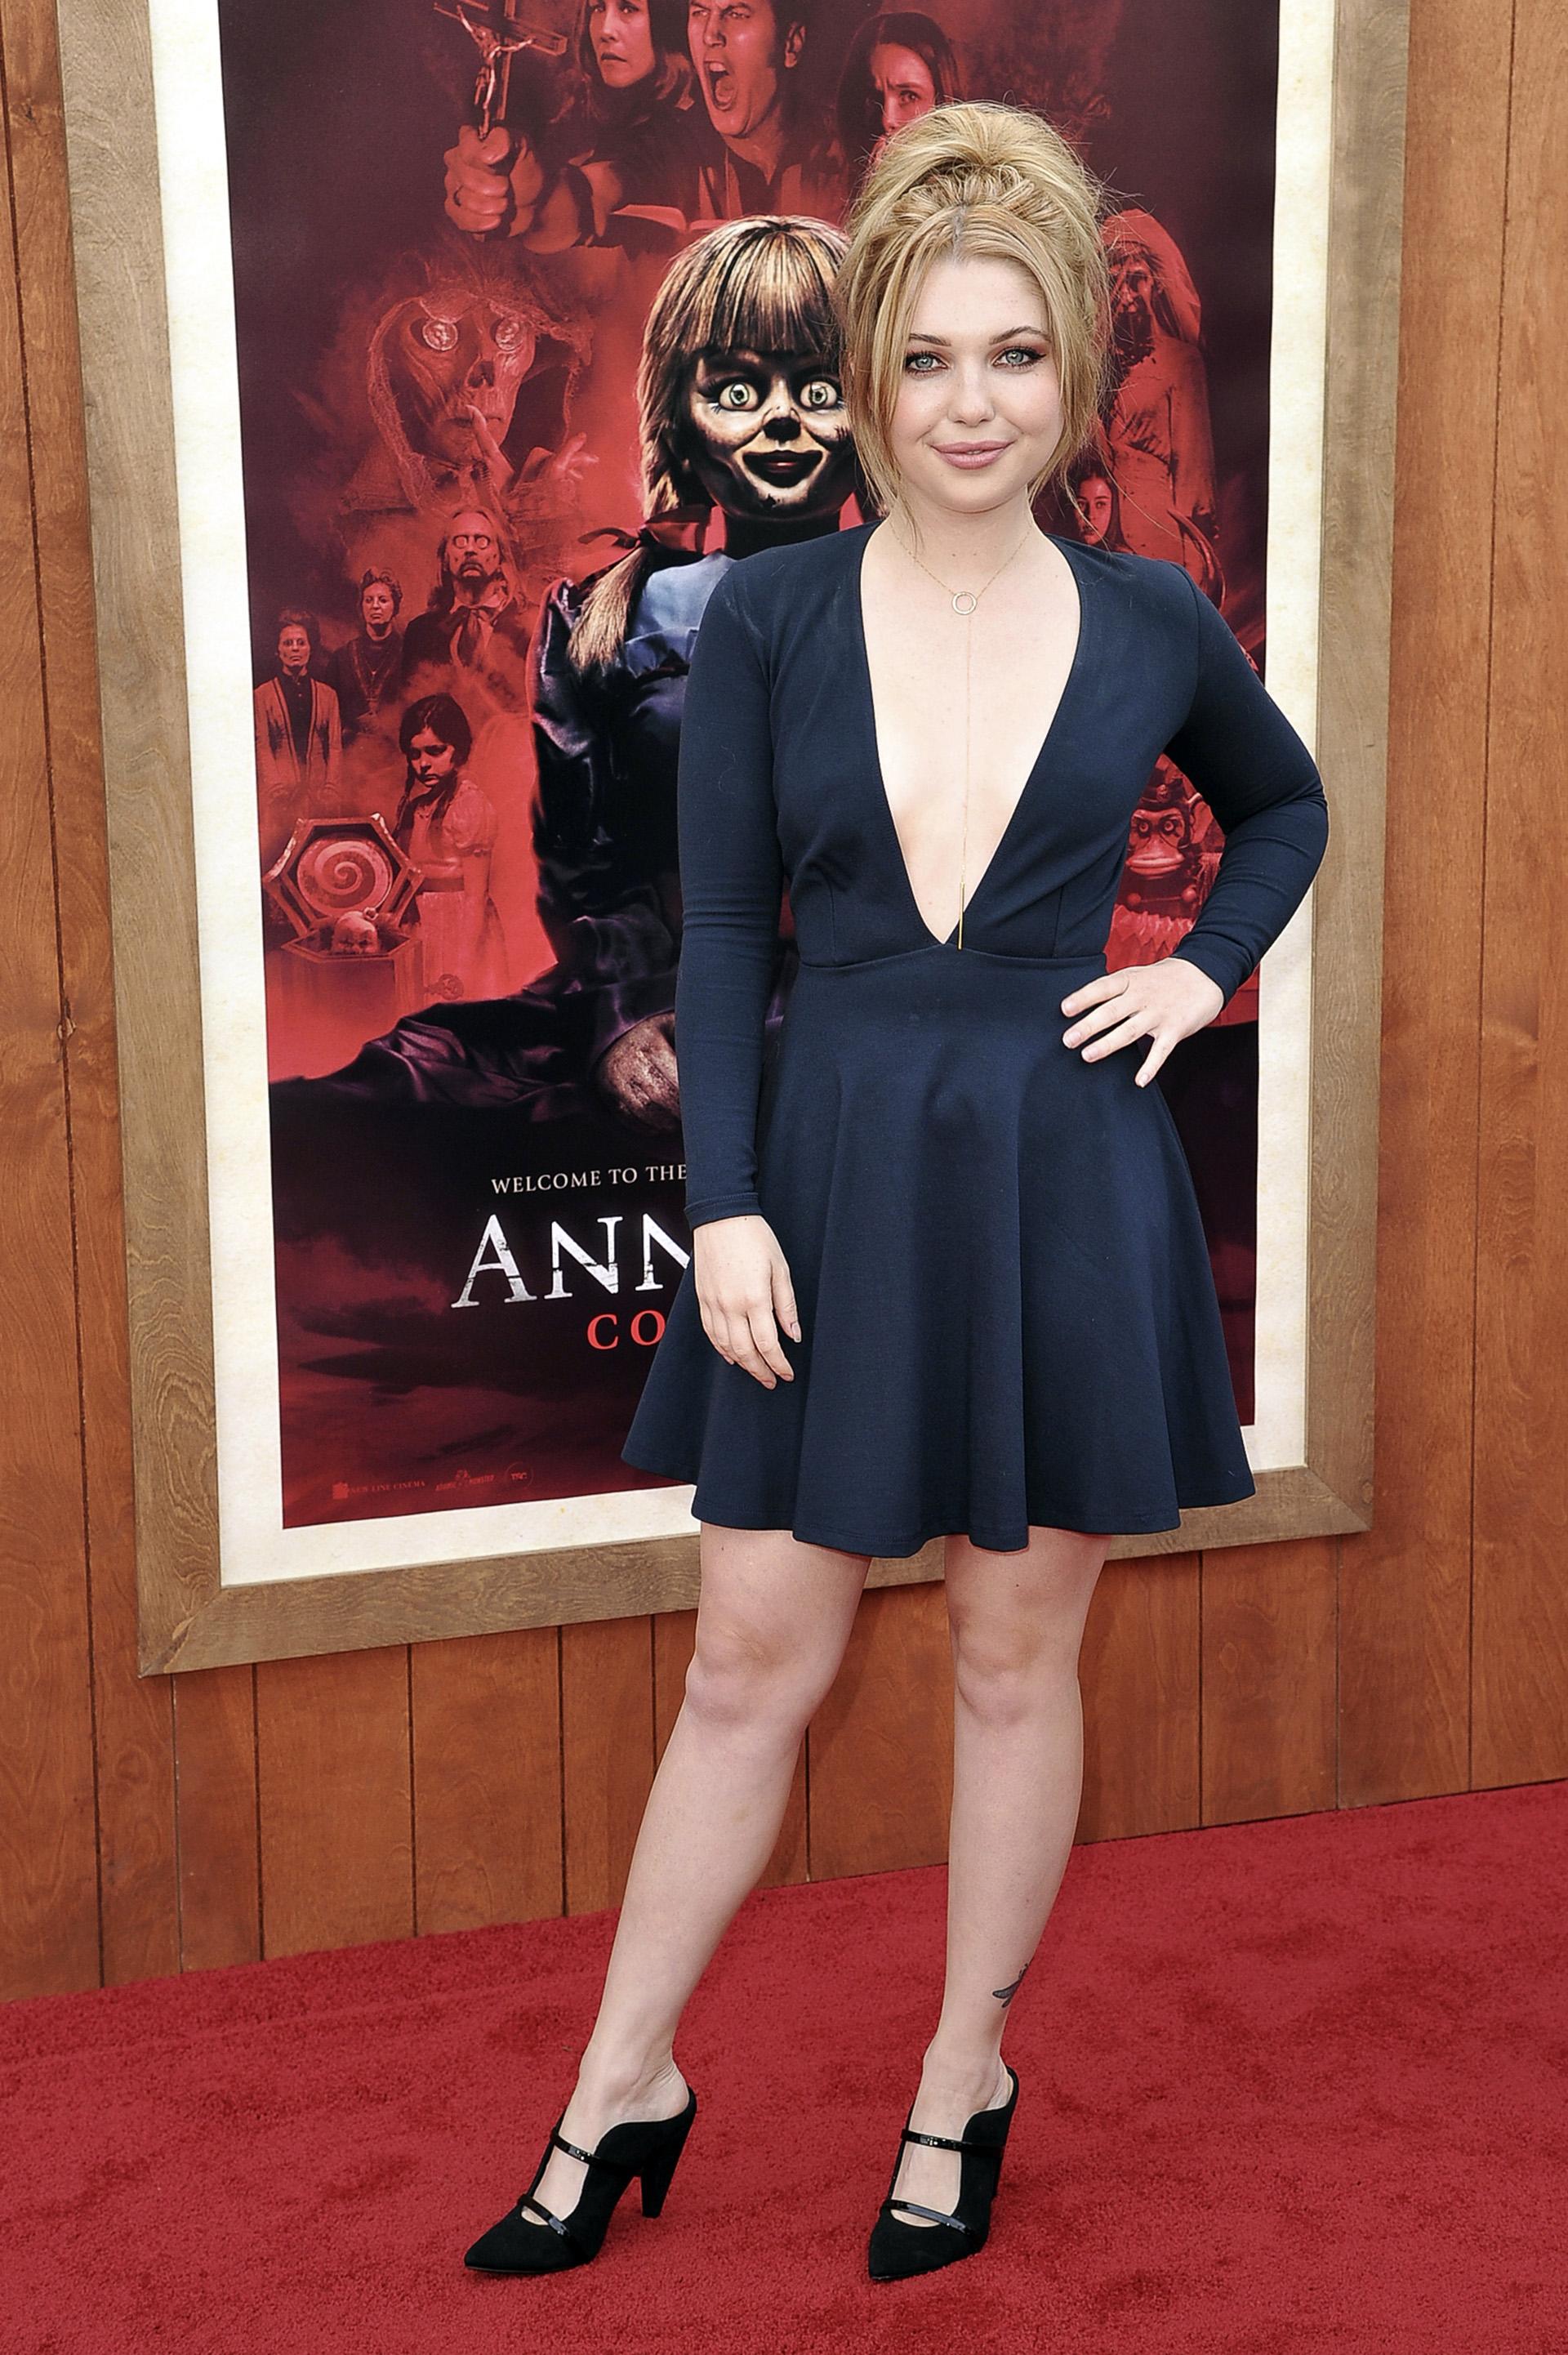 """Sammi Hanratty. Se trata de la tercera parte de la saga """"Annabelle"""", basada en la leyenda de la muñeca del mismo nombre"""